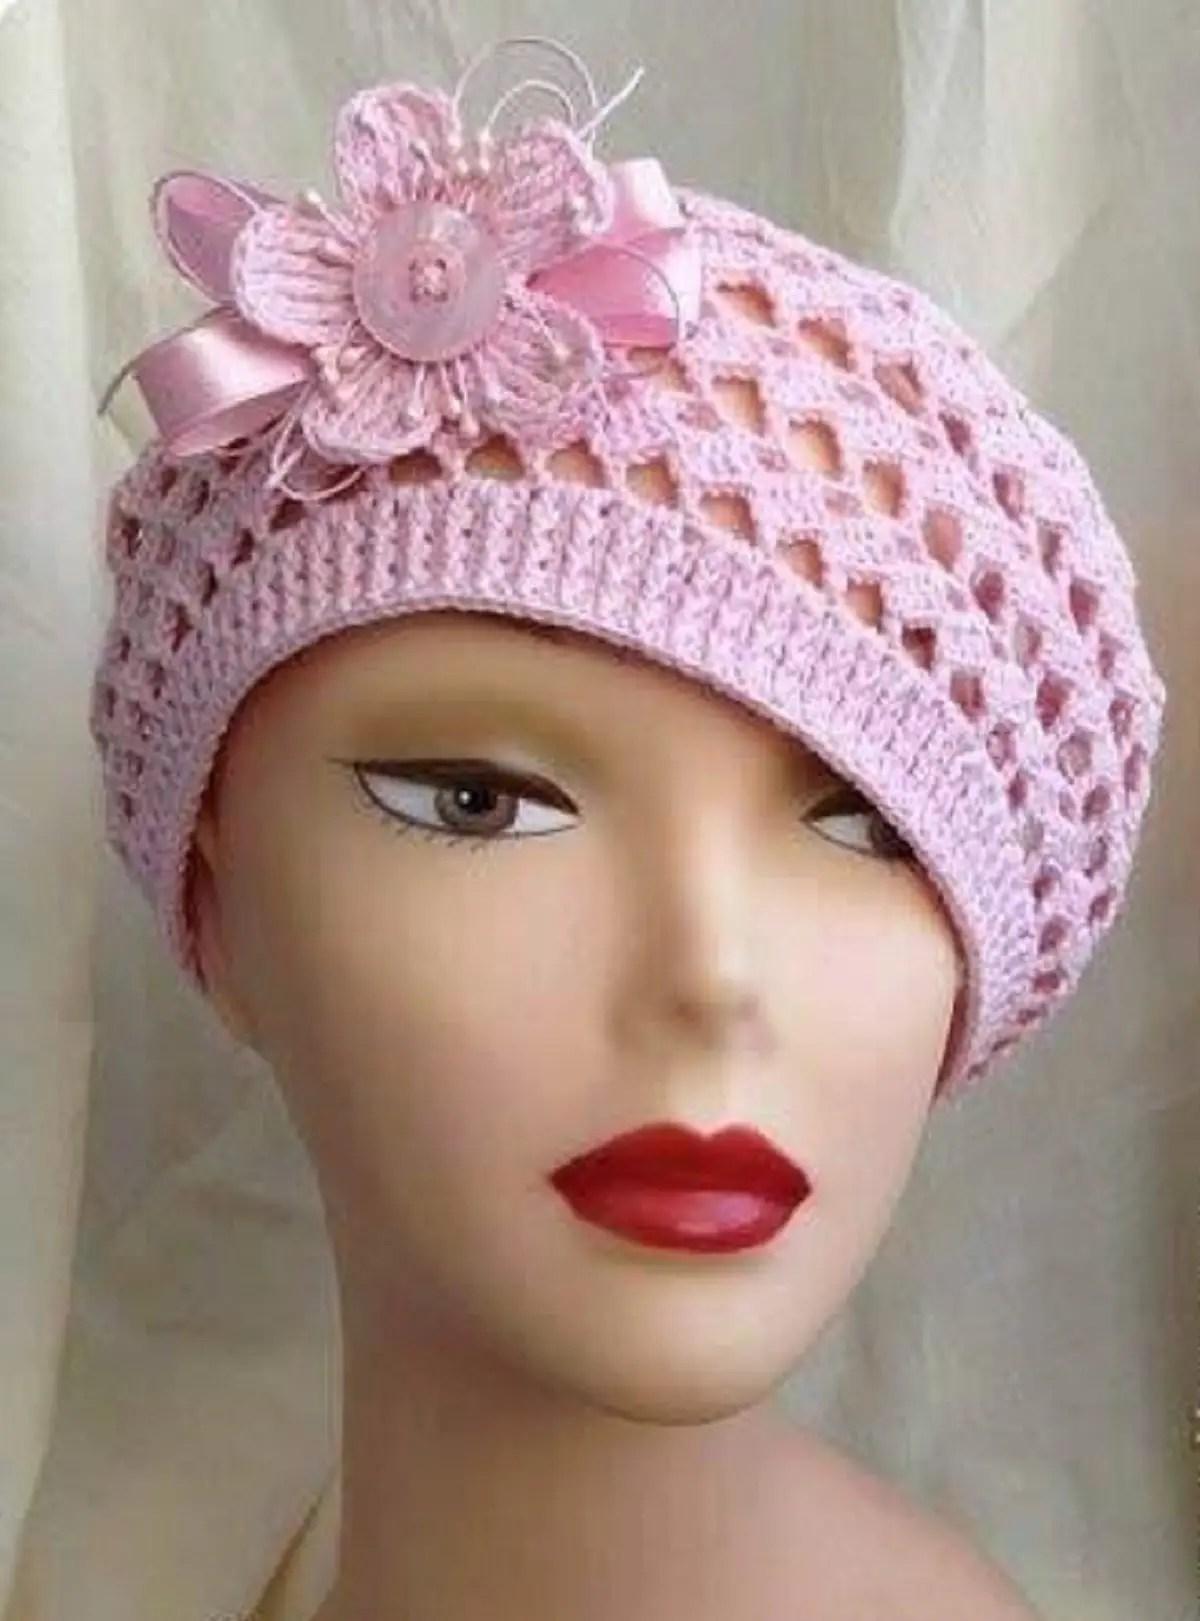 Bonnet au crochet façon vintage (1)